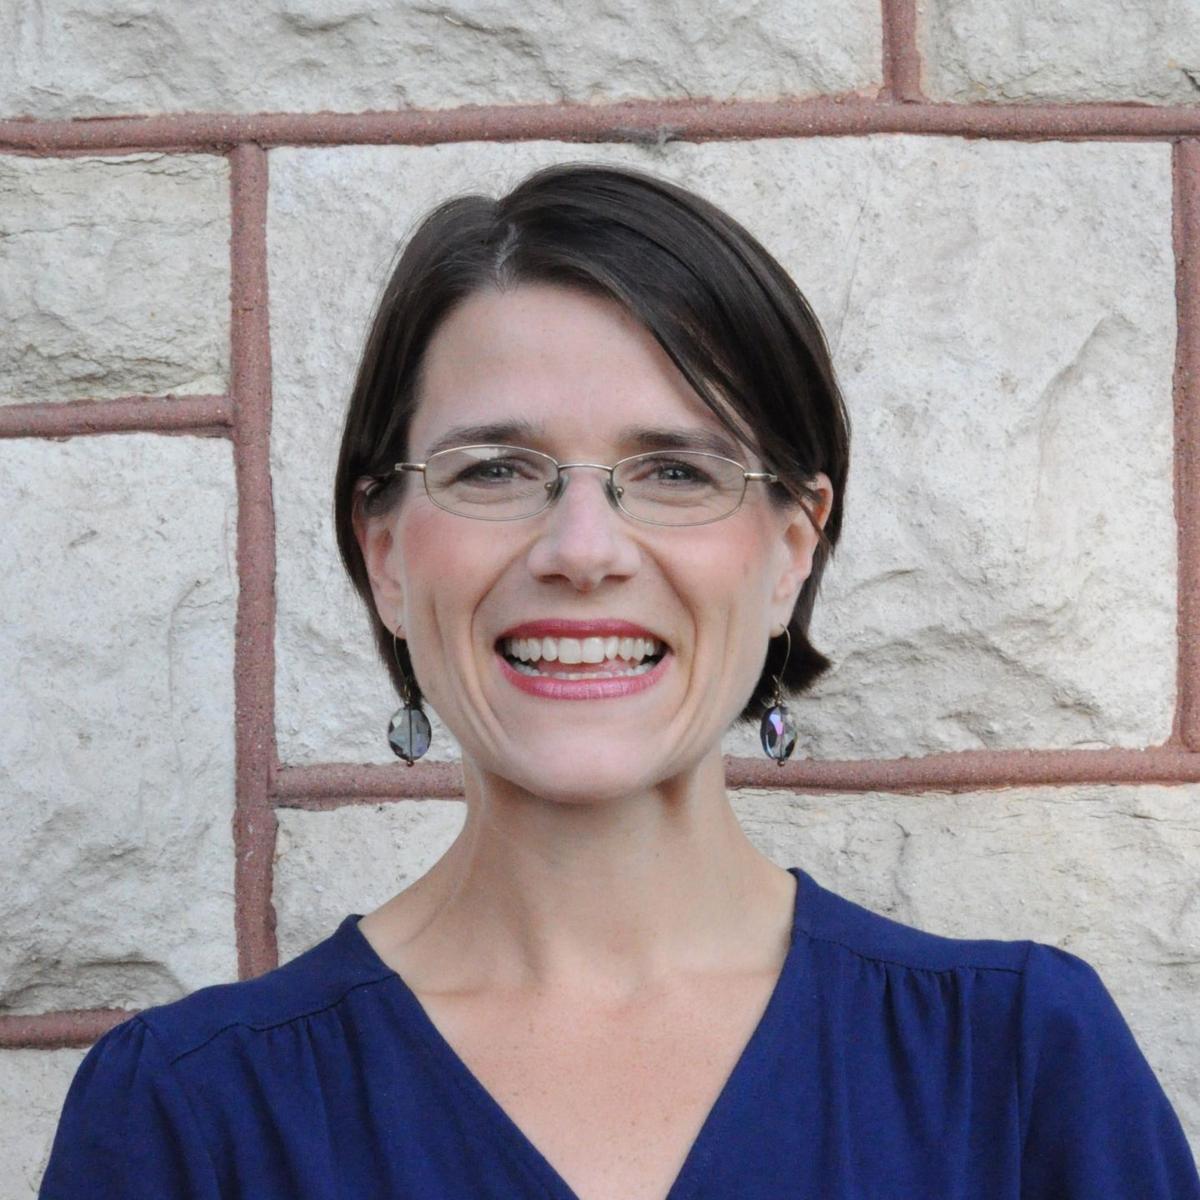 Melinda Lewis